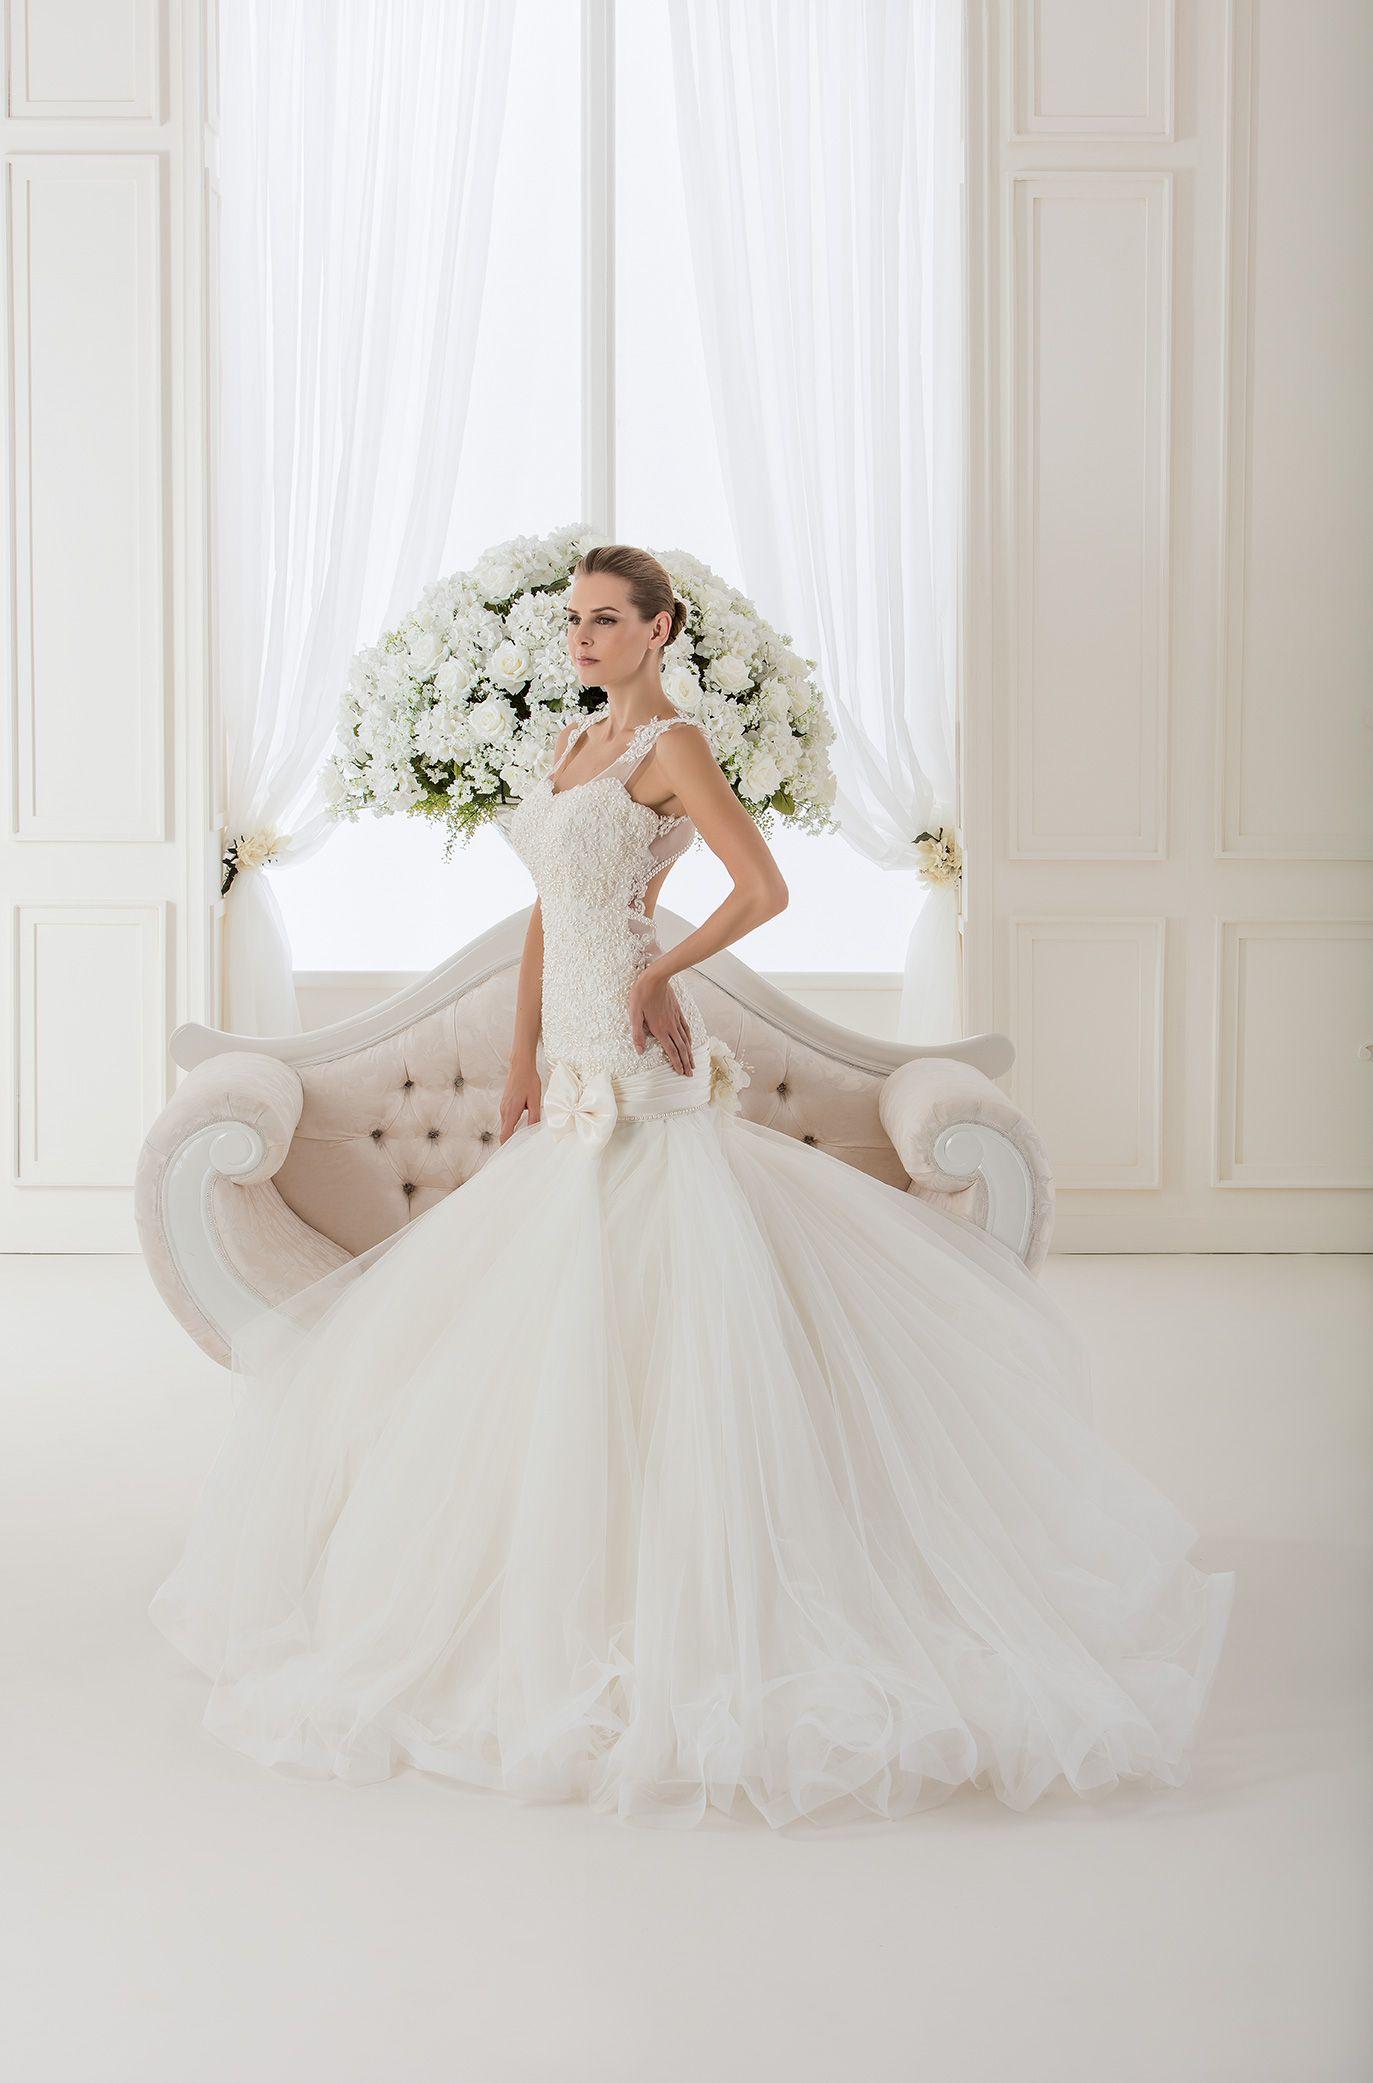 quality design 4da93 b6dfb Prezzi abiti da sposa giorgio armani | Abiti da sposa ...